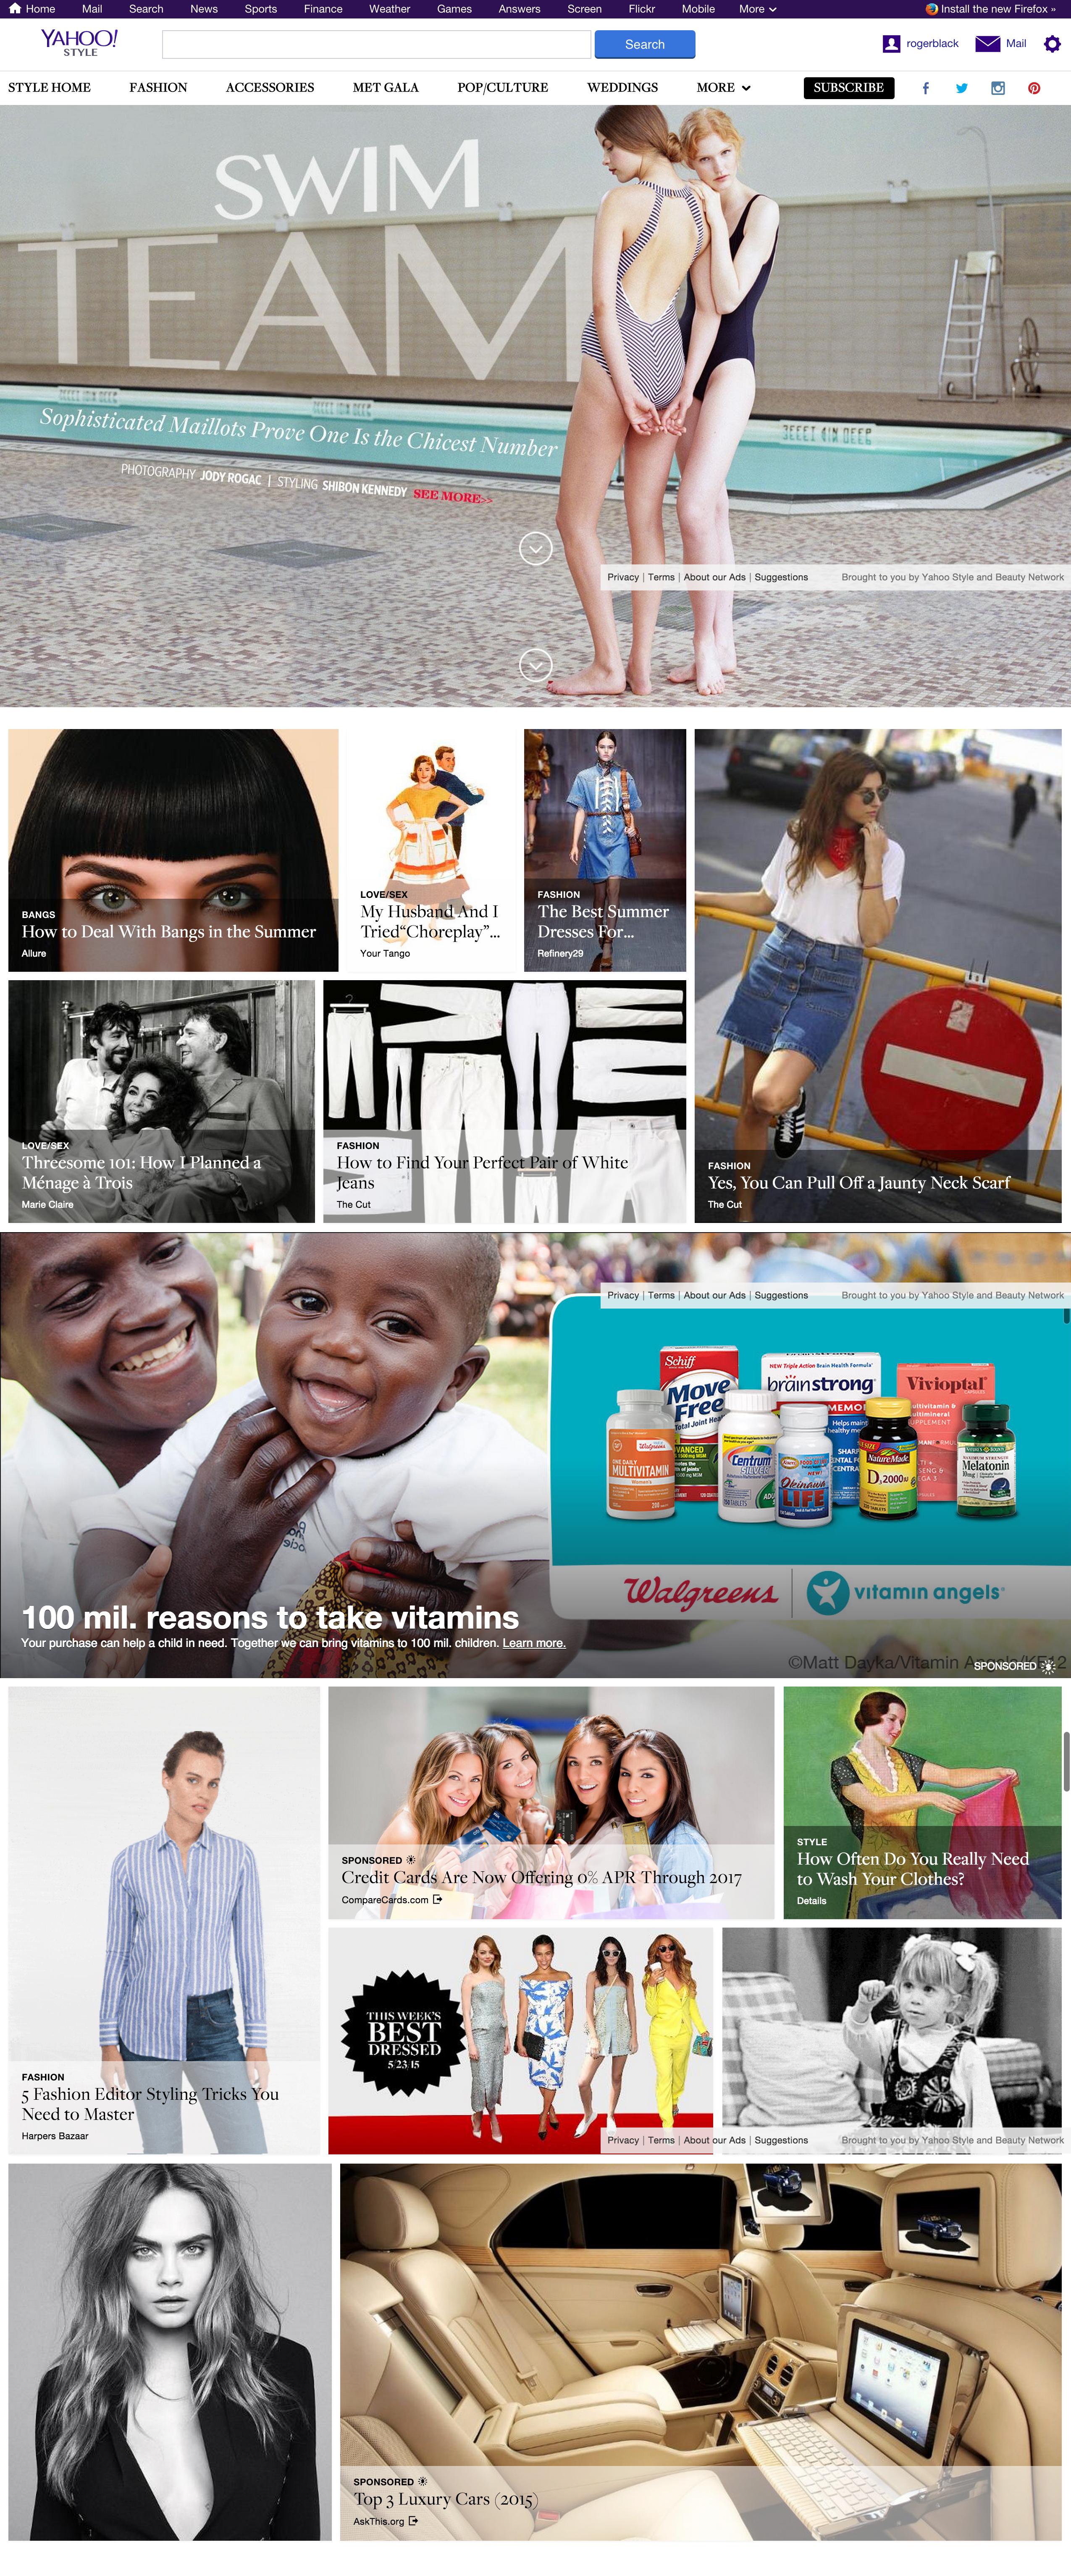 Desktop view of Yahoo Style